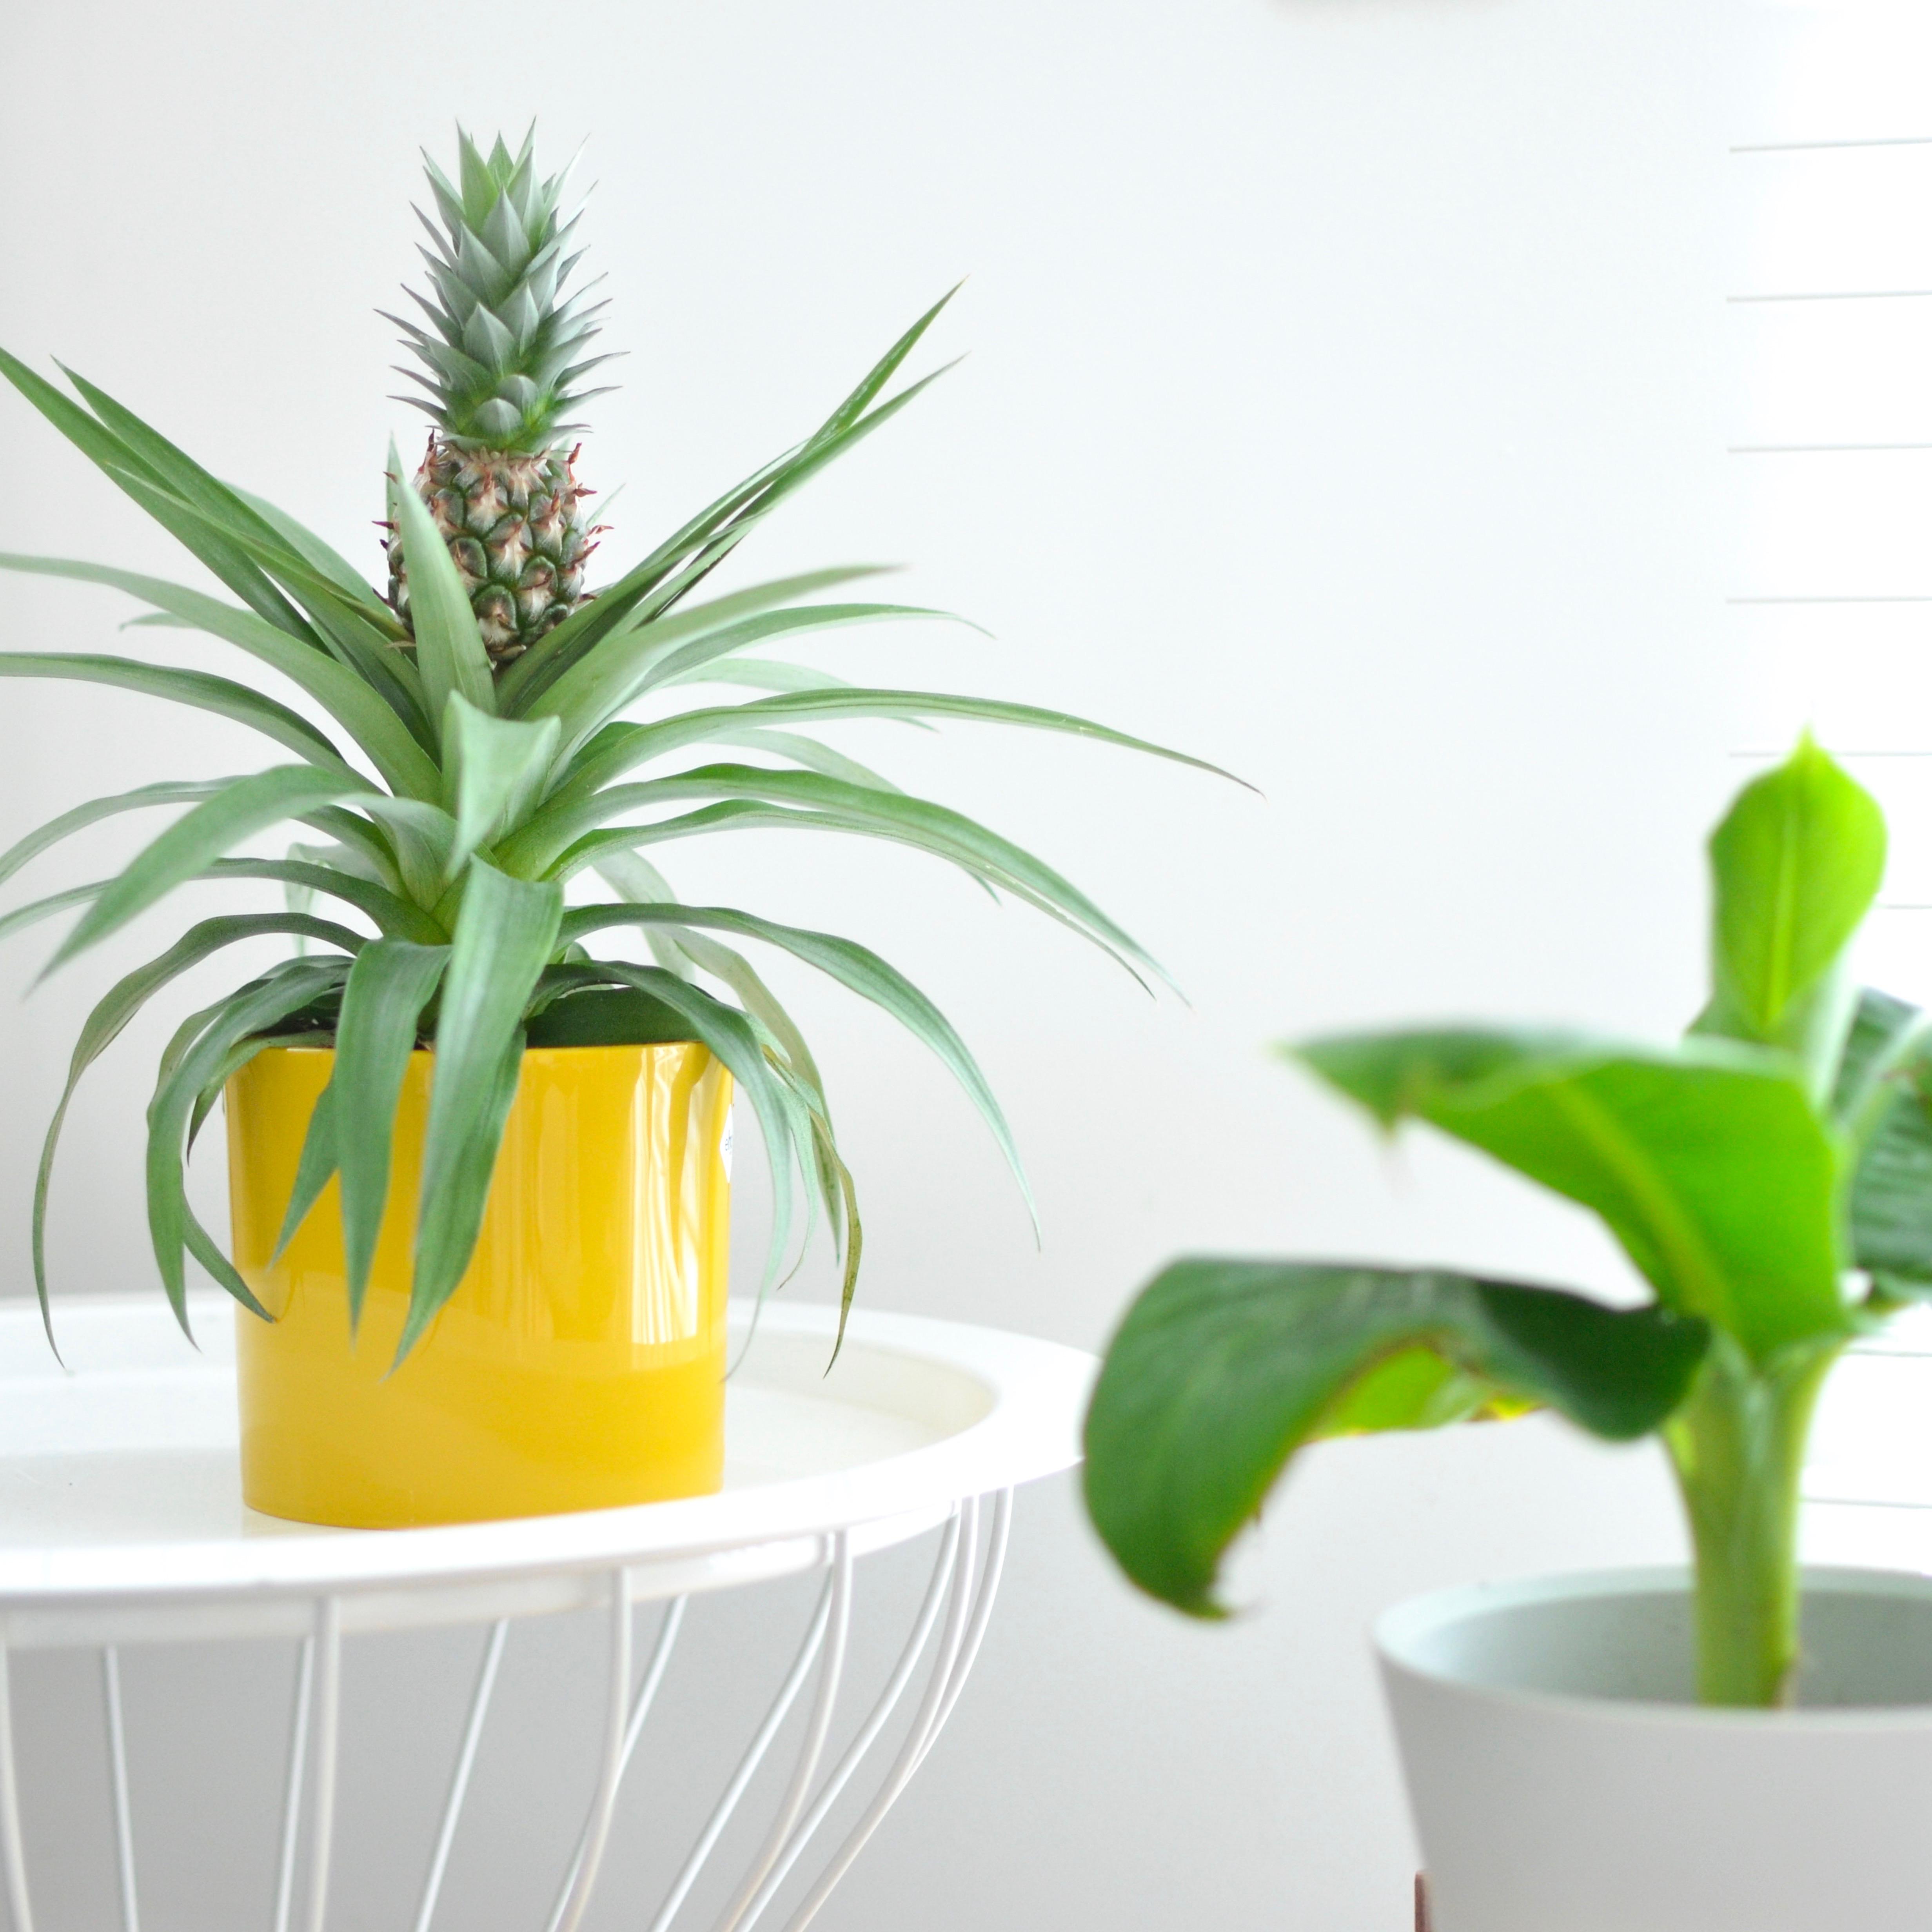 ananasplant en bananenplant